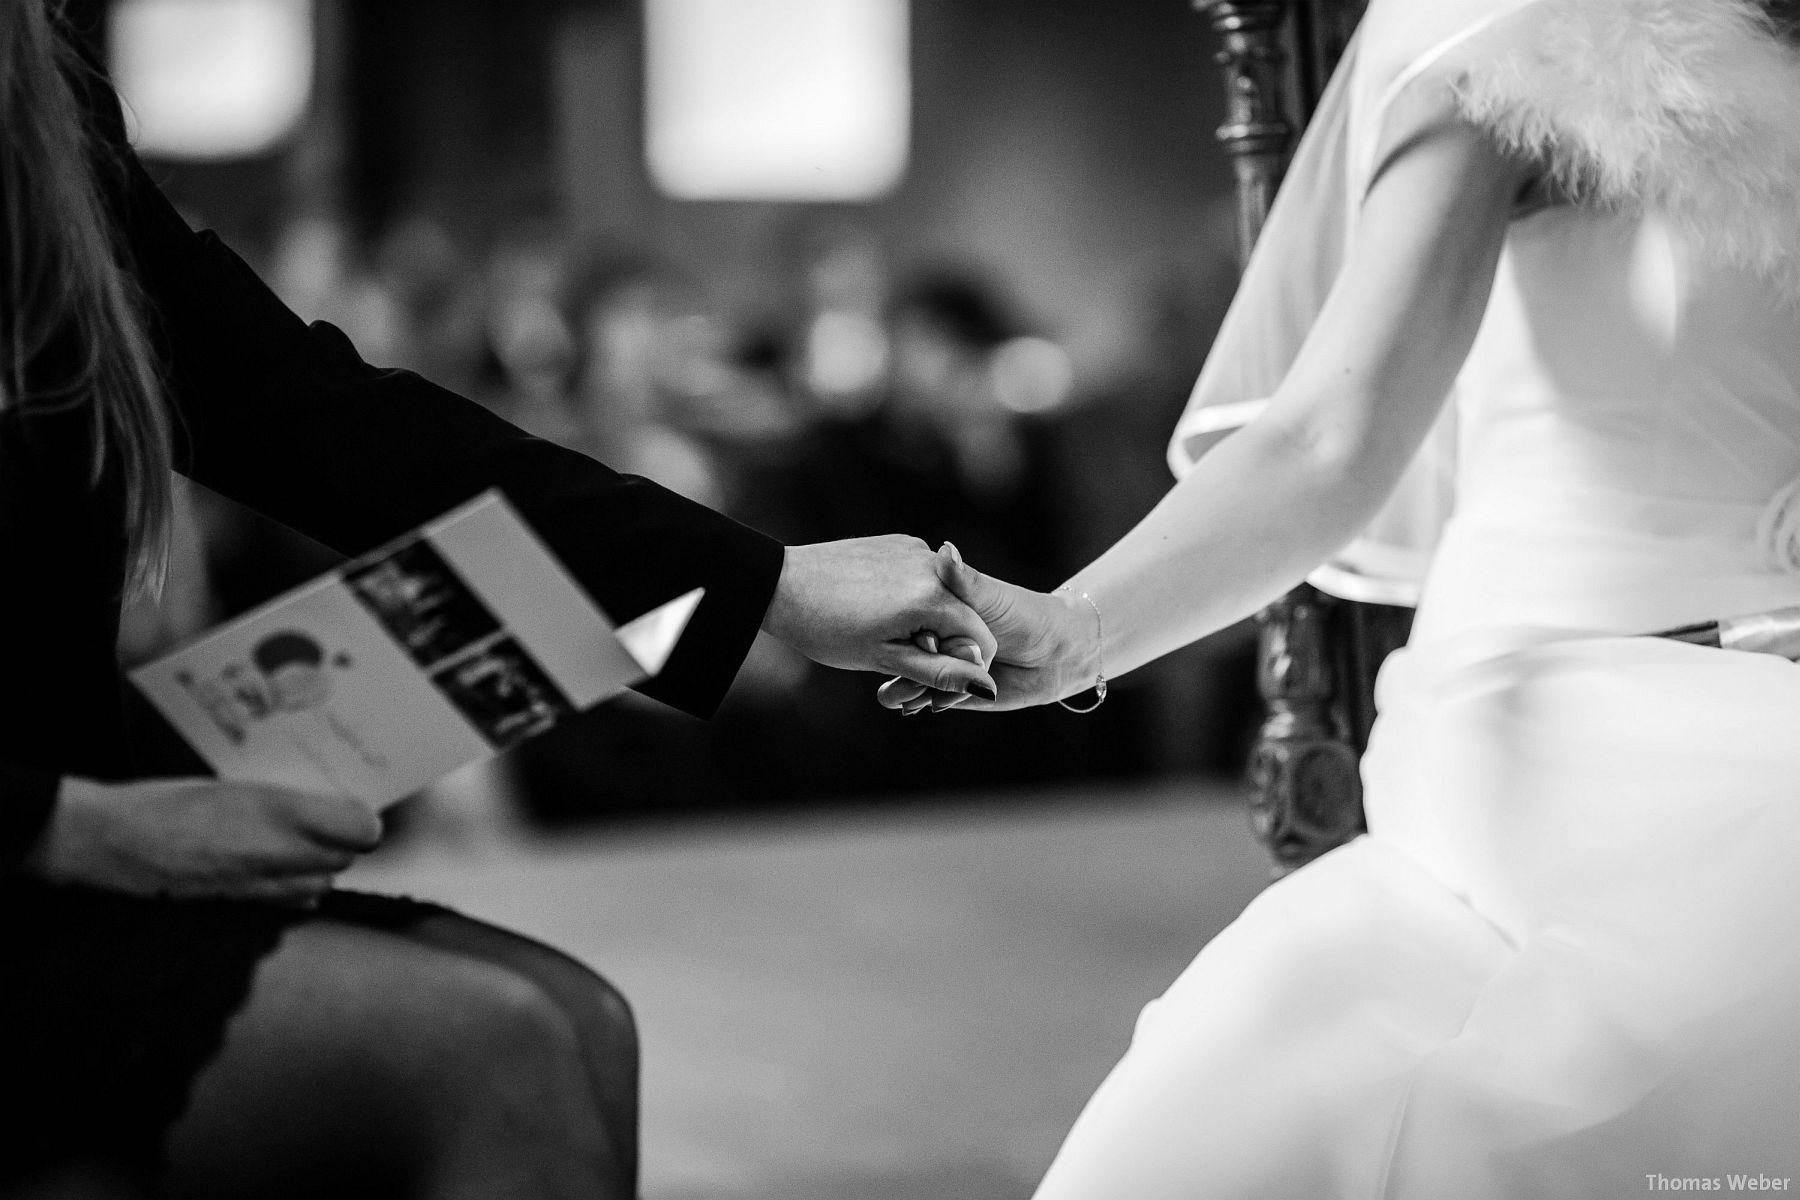 Hochzeitsfotograf Rastede: Kirchliche Trauung in der St. Ulrichs Kirche Rastede und Hochzeitsfeier in der Eventscheune St Georg Rastede mit dem Catering von Michael Niebuhr aus Oldenburg (20)